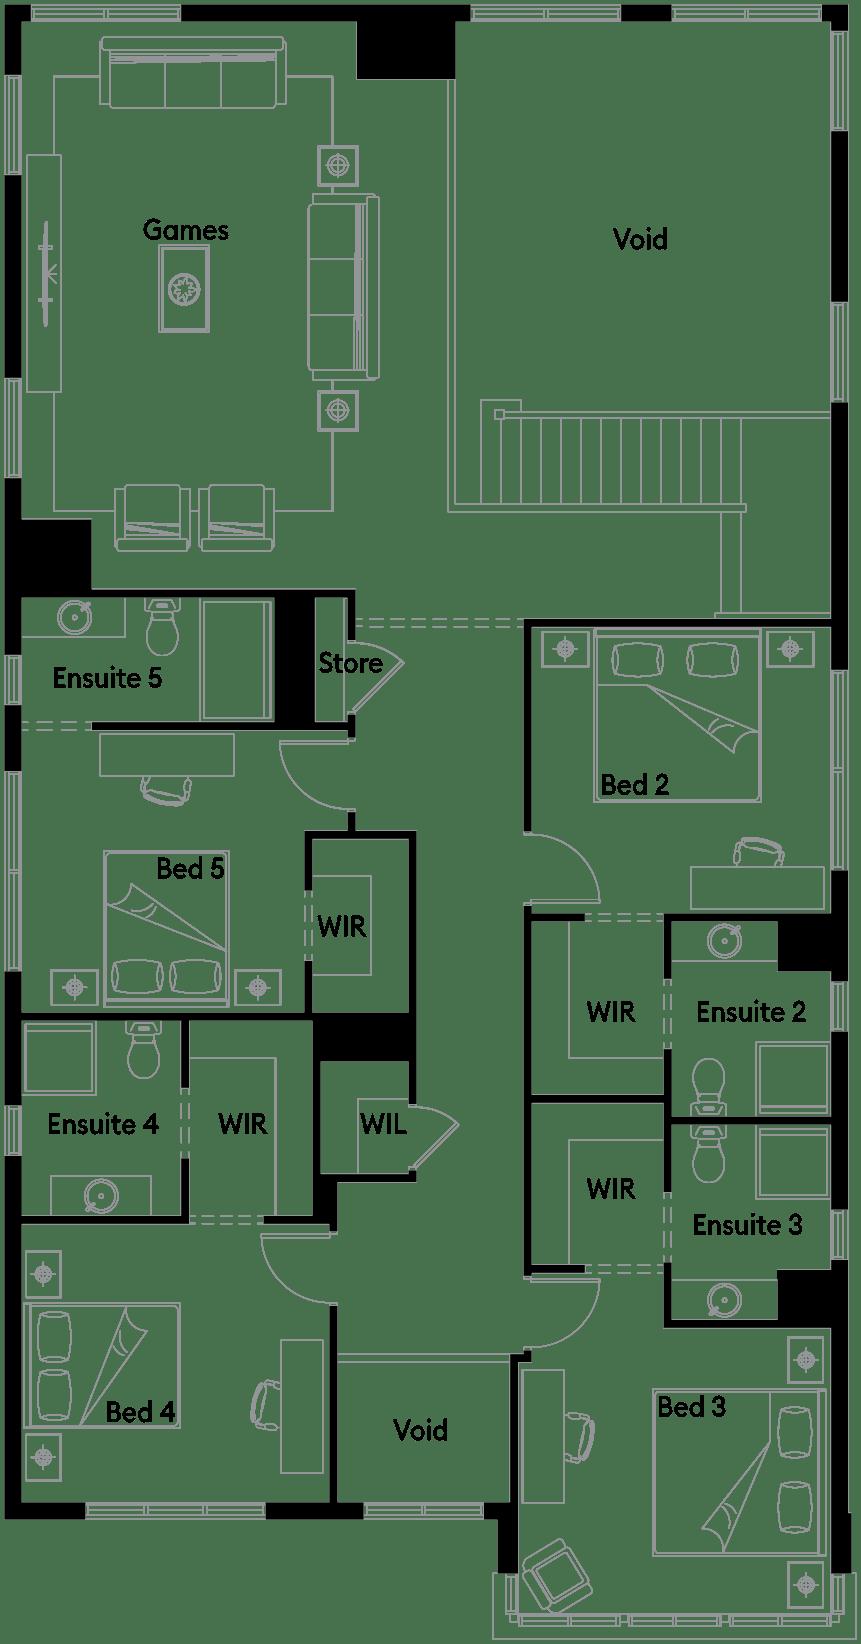 FloorPlan2_HOUSE849_Hyatt-Grange_50-02